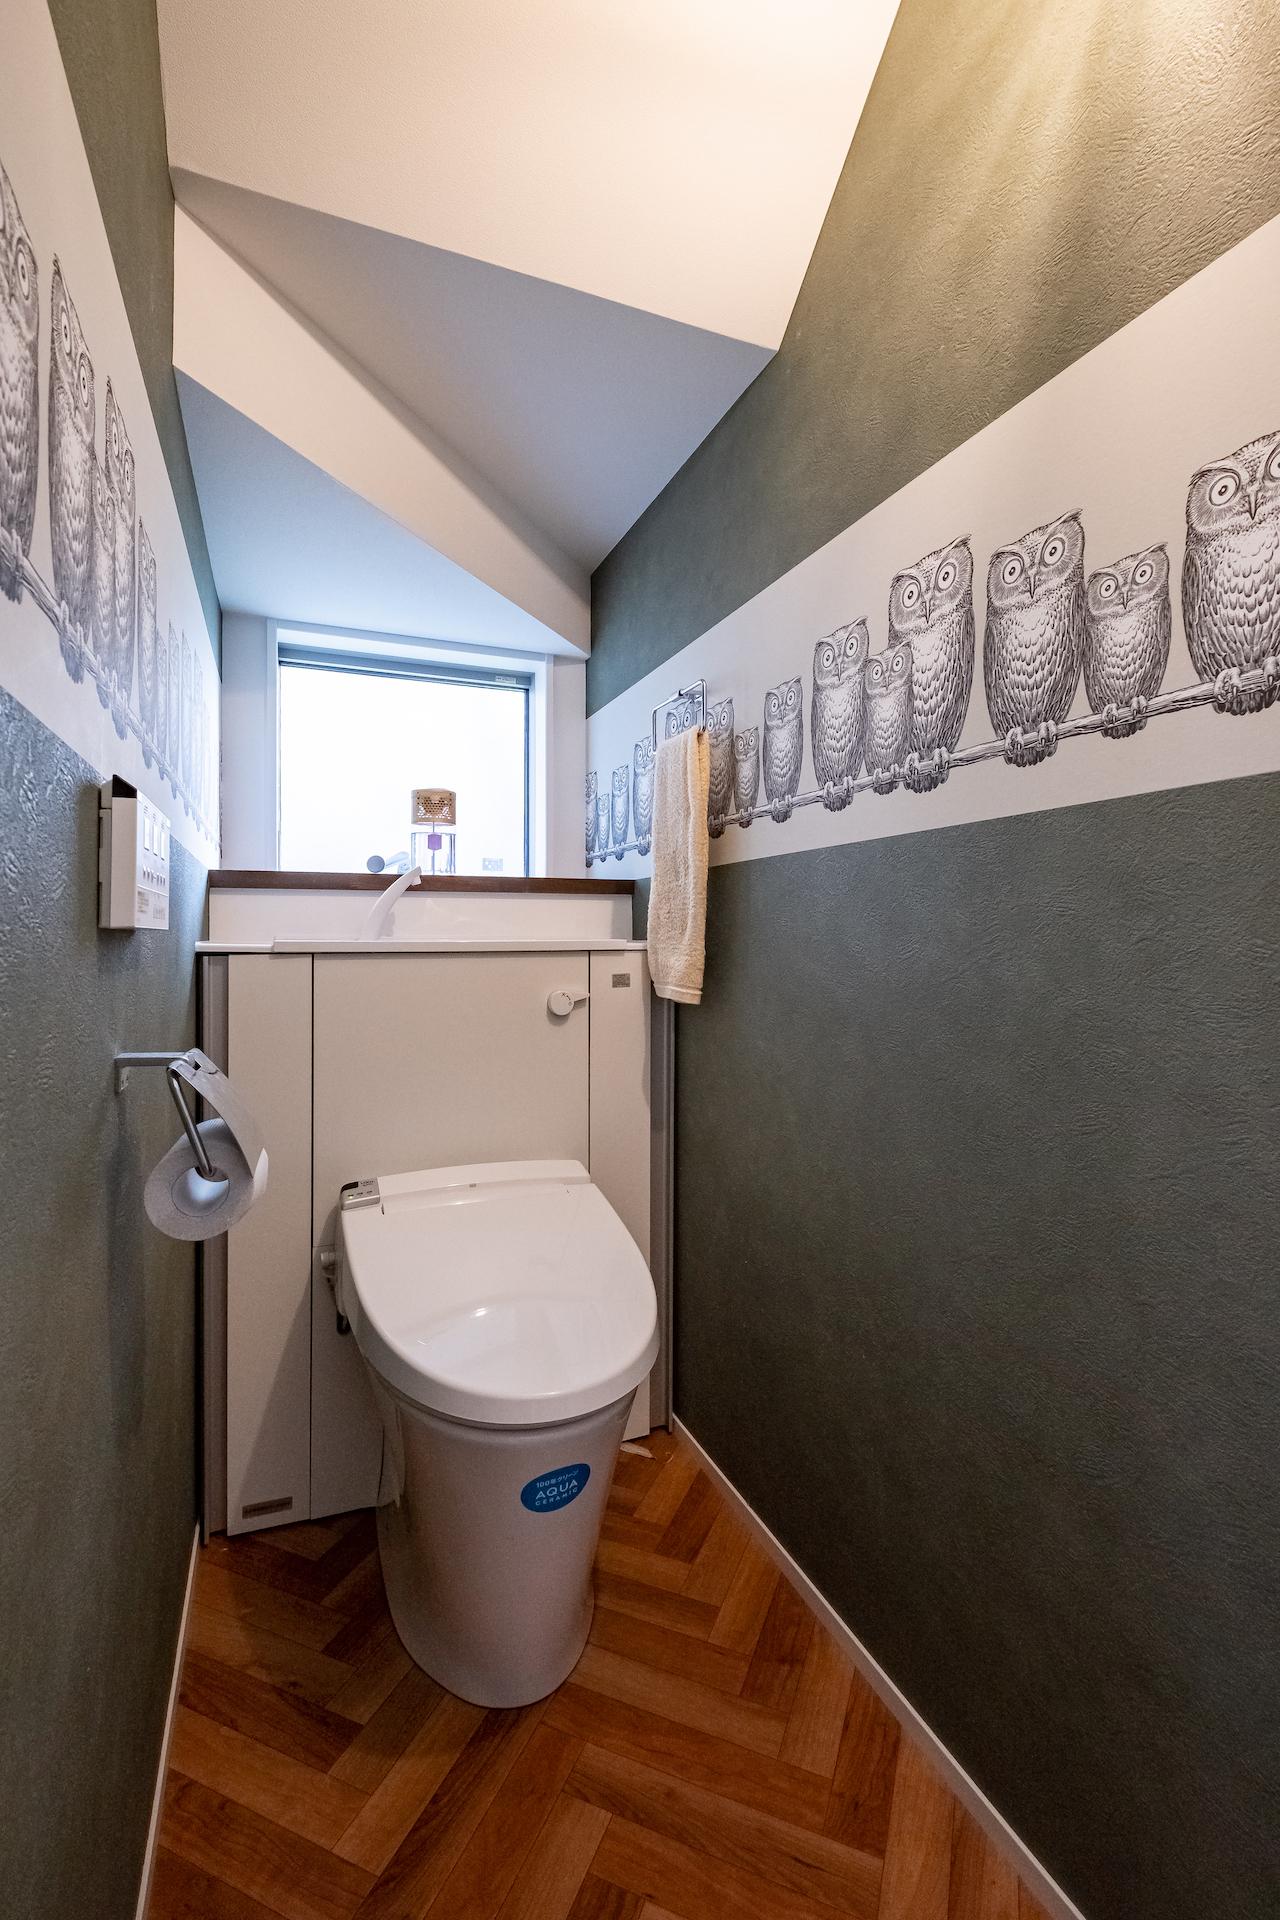 ふくろう柄の輸入クロスがかわいいトイレは階段下スペースを活用。タンク部分を収納に隠し、スッキリさせた